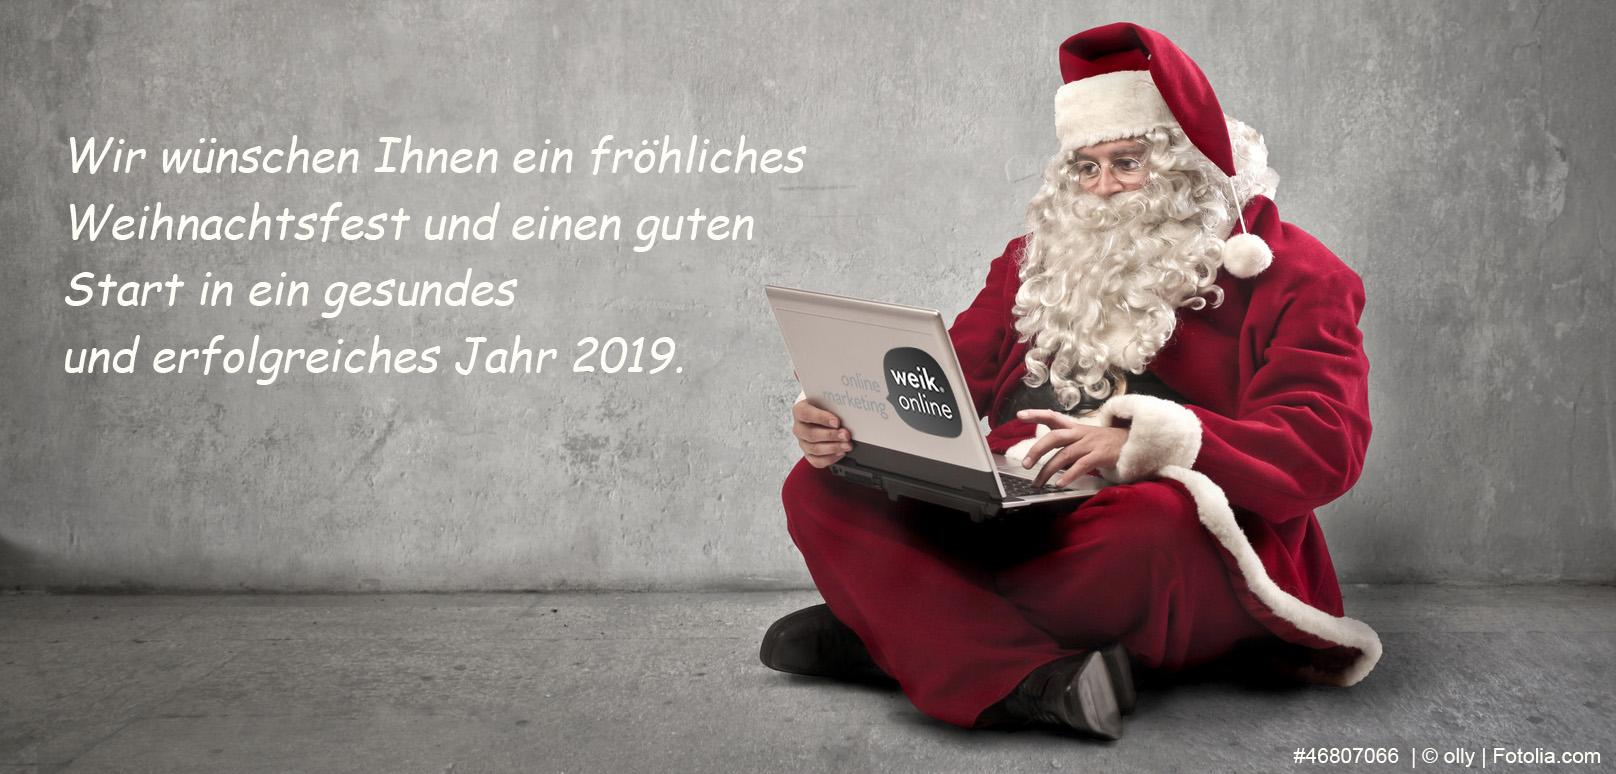 Das Team von weik.online wünscht Ihnen ein frohes Weihnachtsfest 2018!